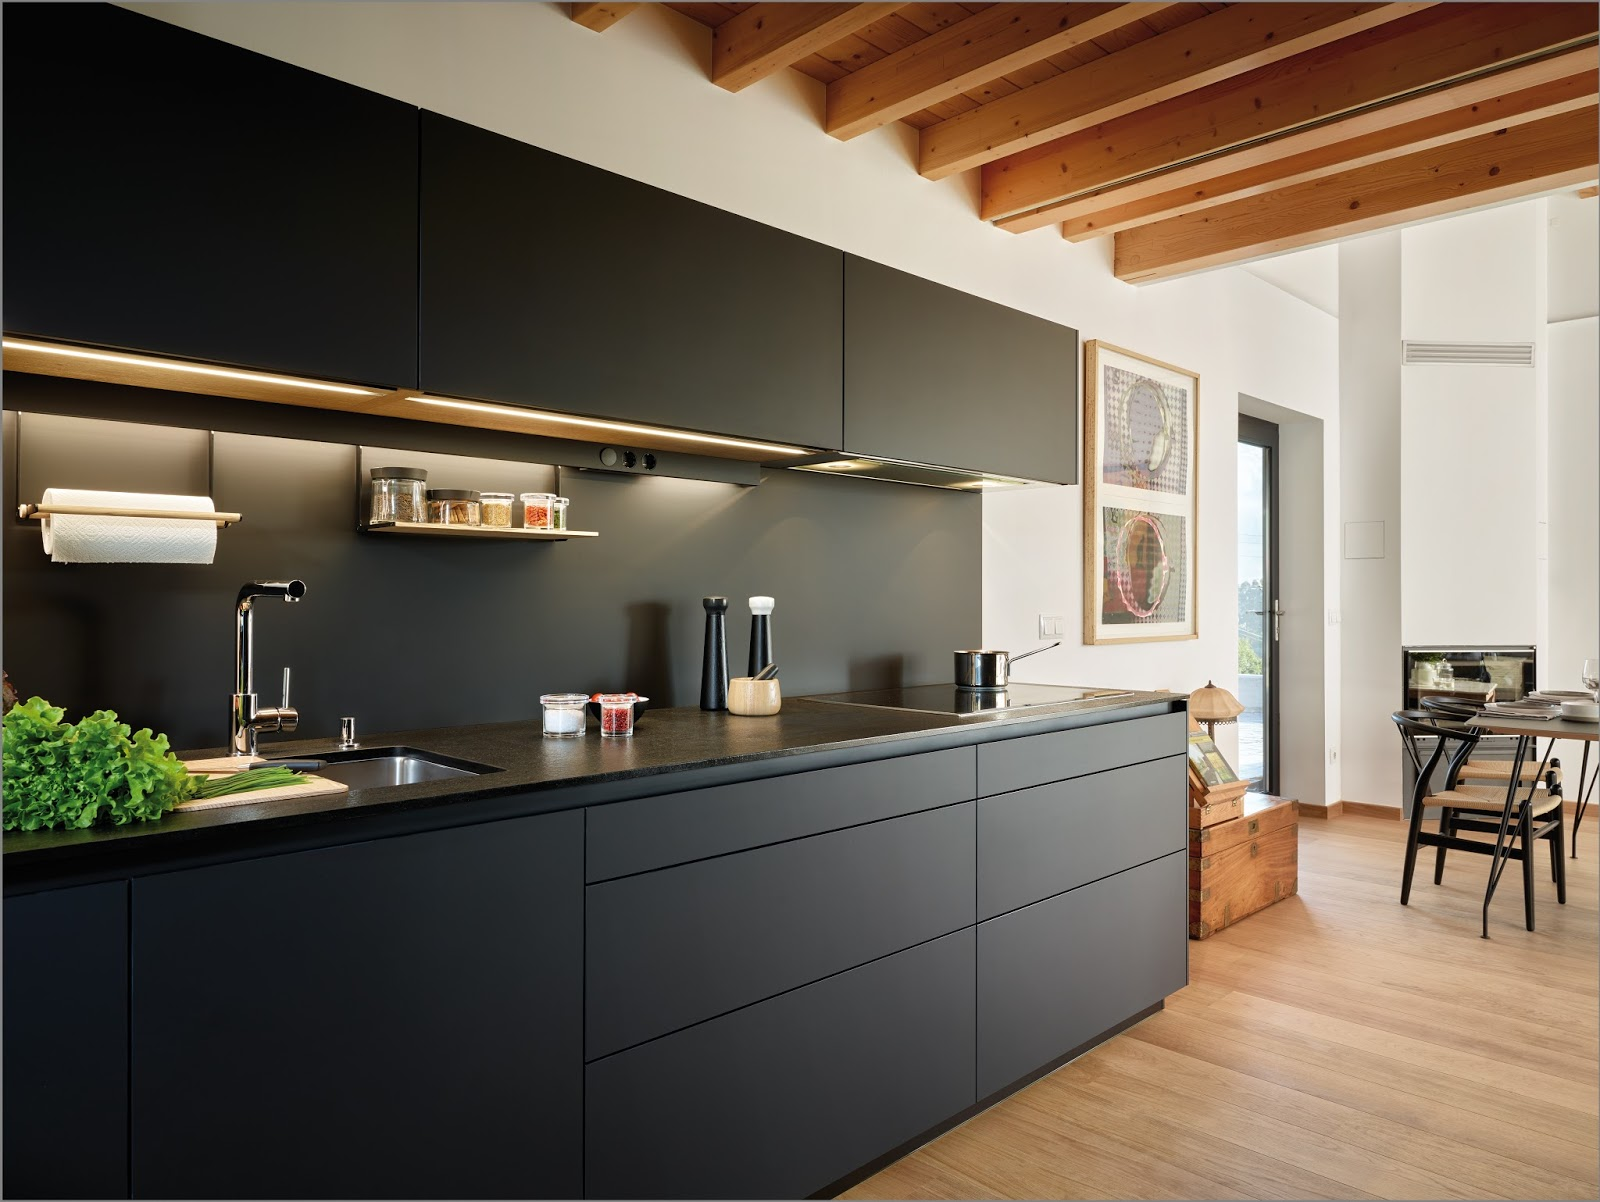 Más cocina en menos espacio - Cocinas Santos - Tecno Haus